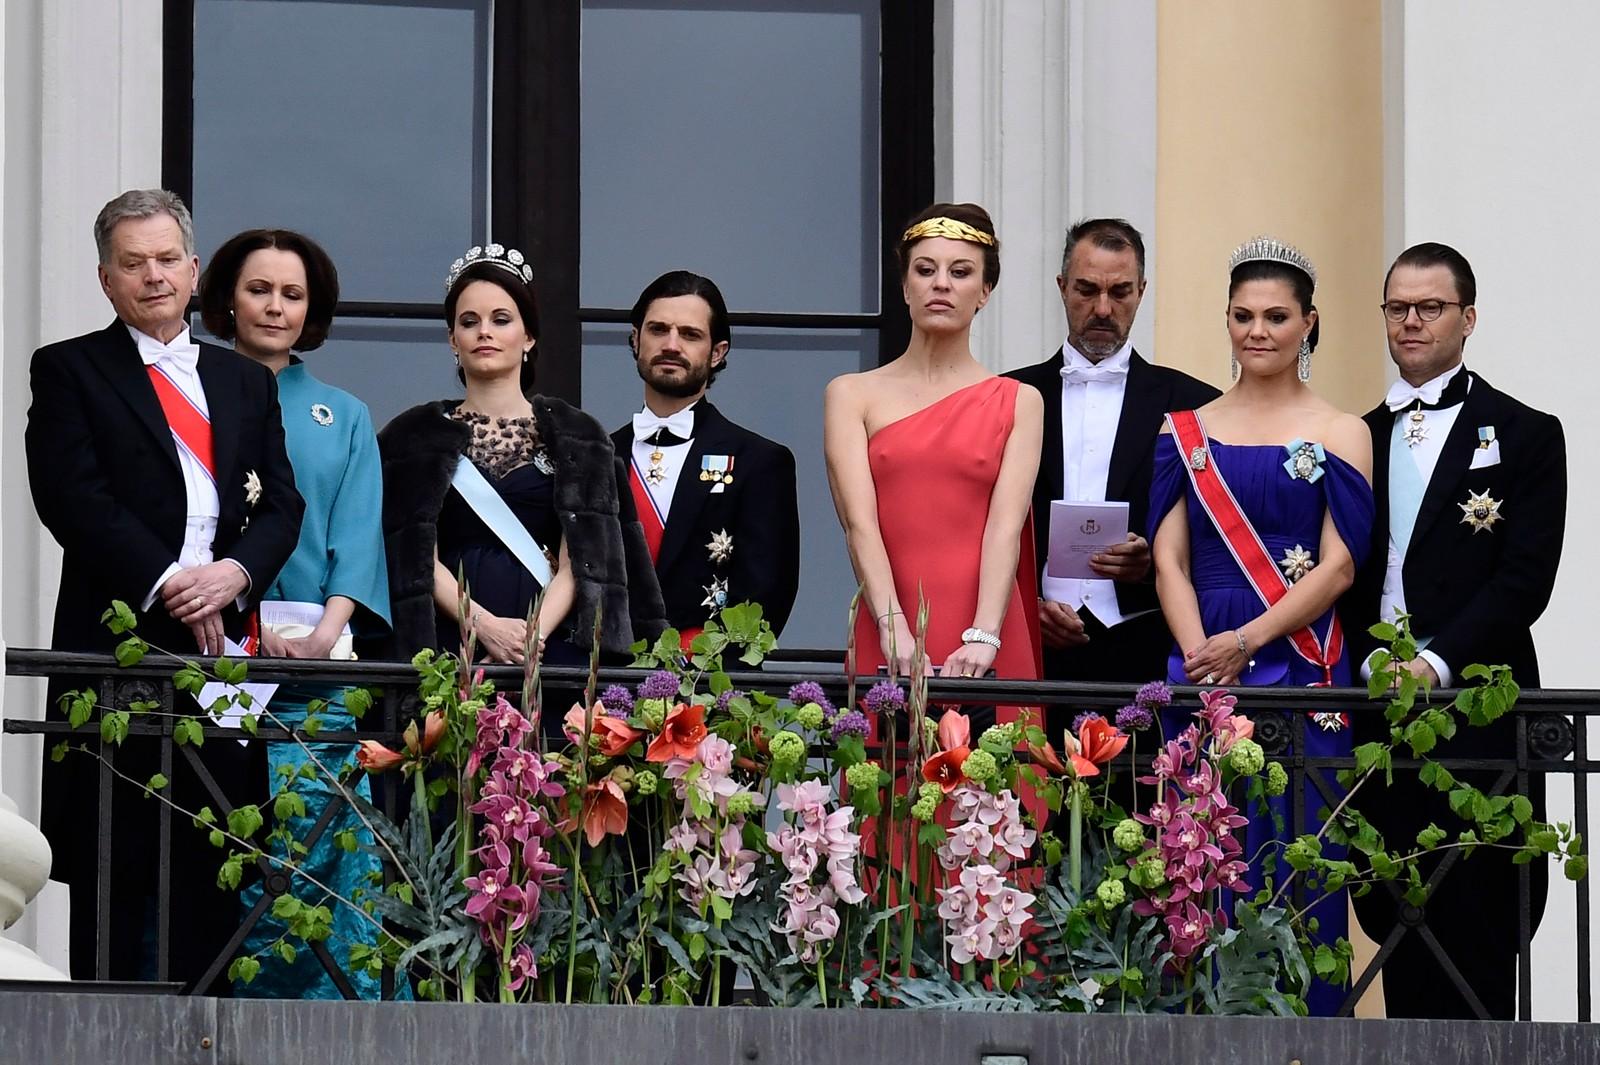 Kongeparet med kongelige gjester hilser publikum fra slottsbalkongen i anledning sin 80-årsfeiring.